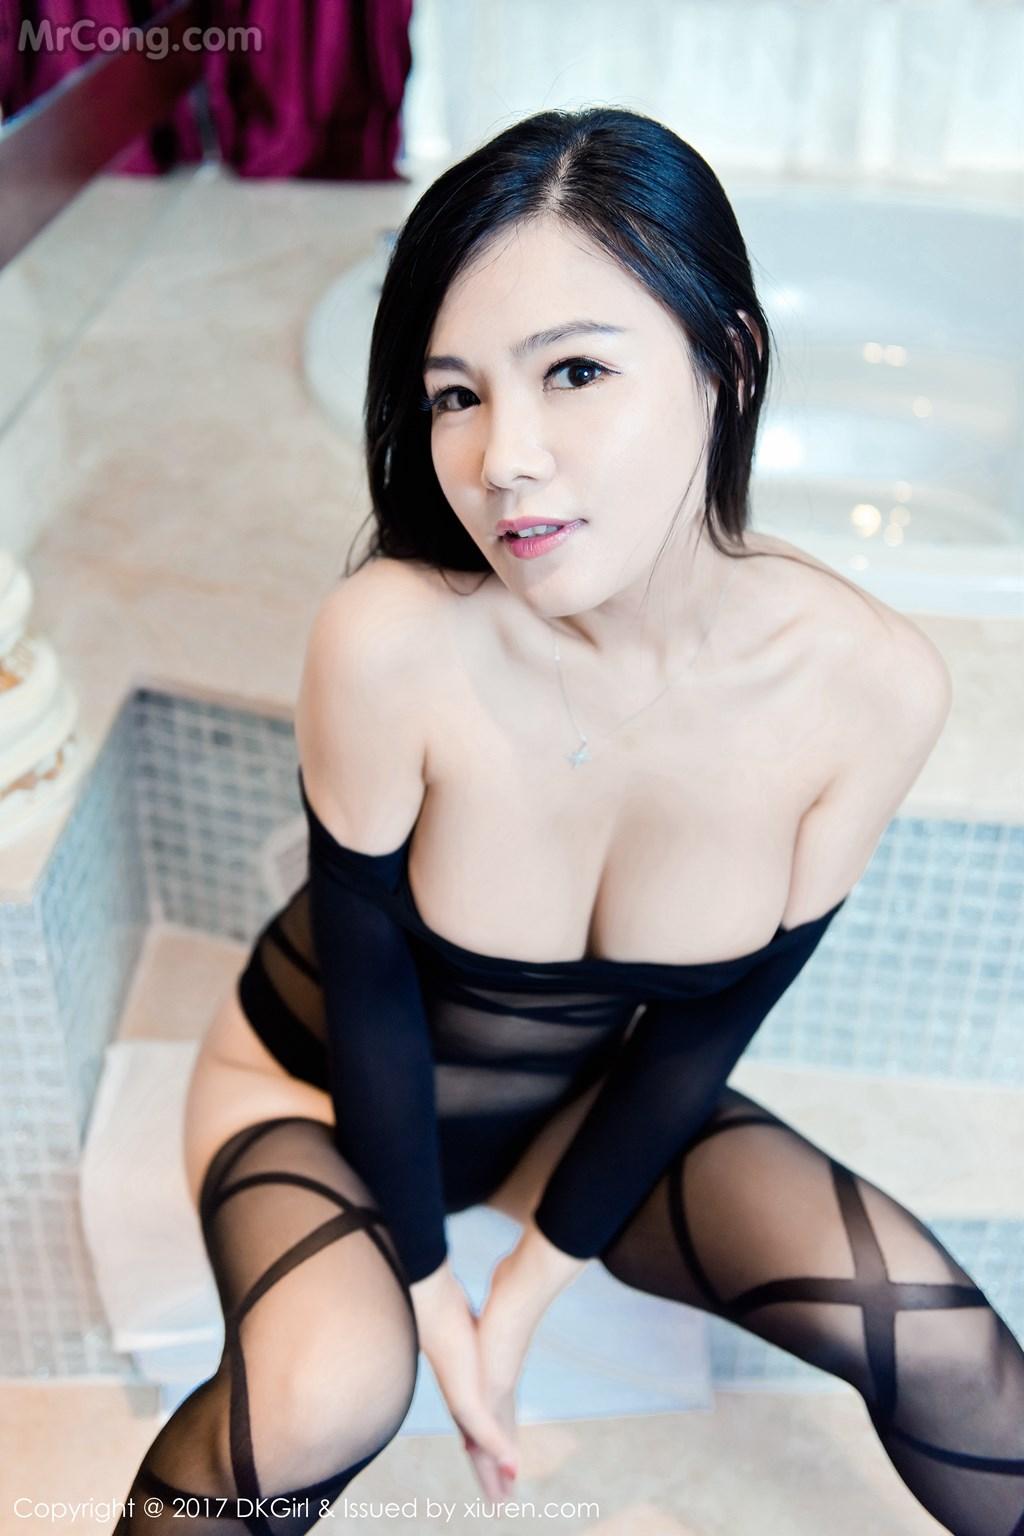 Người mẫu Ding Xiaonan với album ảnh sexy và quyến rũ 17